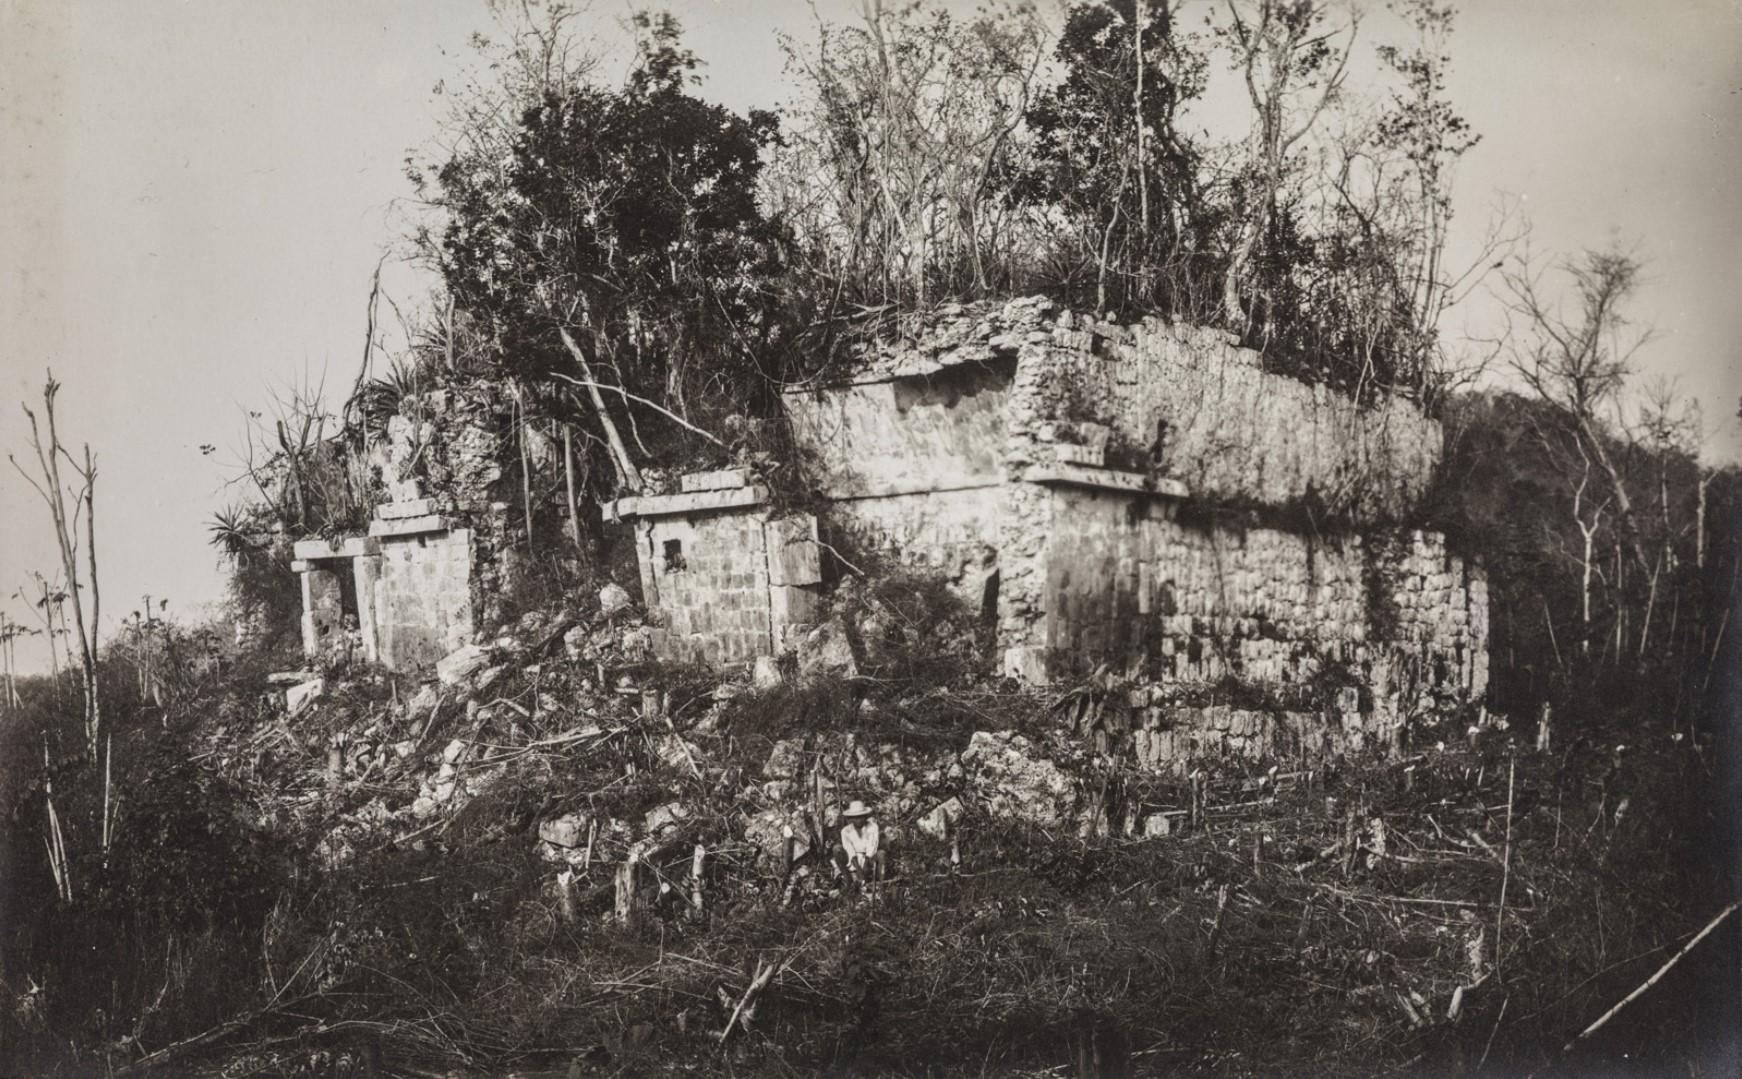 20. Здания в руинах Хачмултуна, которые исследователь Теоберт Малер назвал «судом» или «Тлатокан»